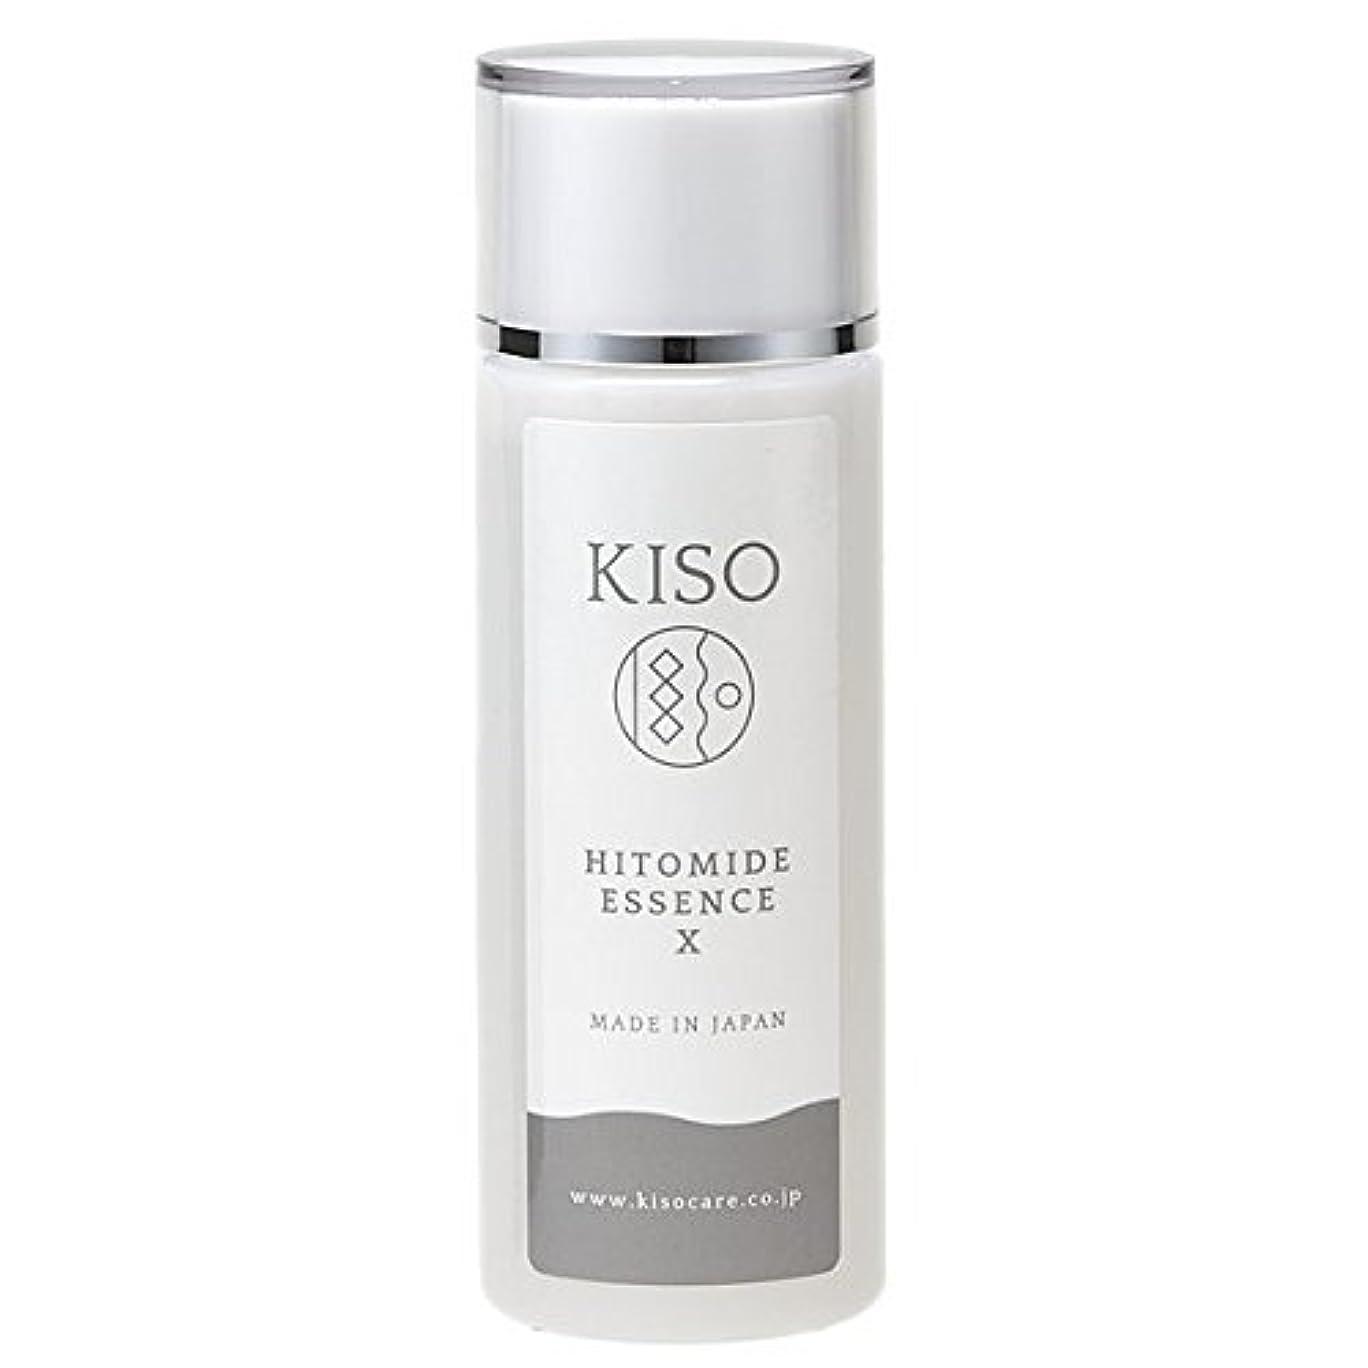 自転車一般的な端KISO ヒト型セラミド原液 10%配合 【ヒトミドエッセンスX 120ml】 保湿力アップ 肌荒れを防ぎキメを整えたい時に